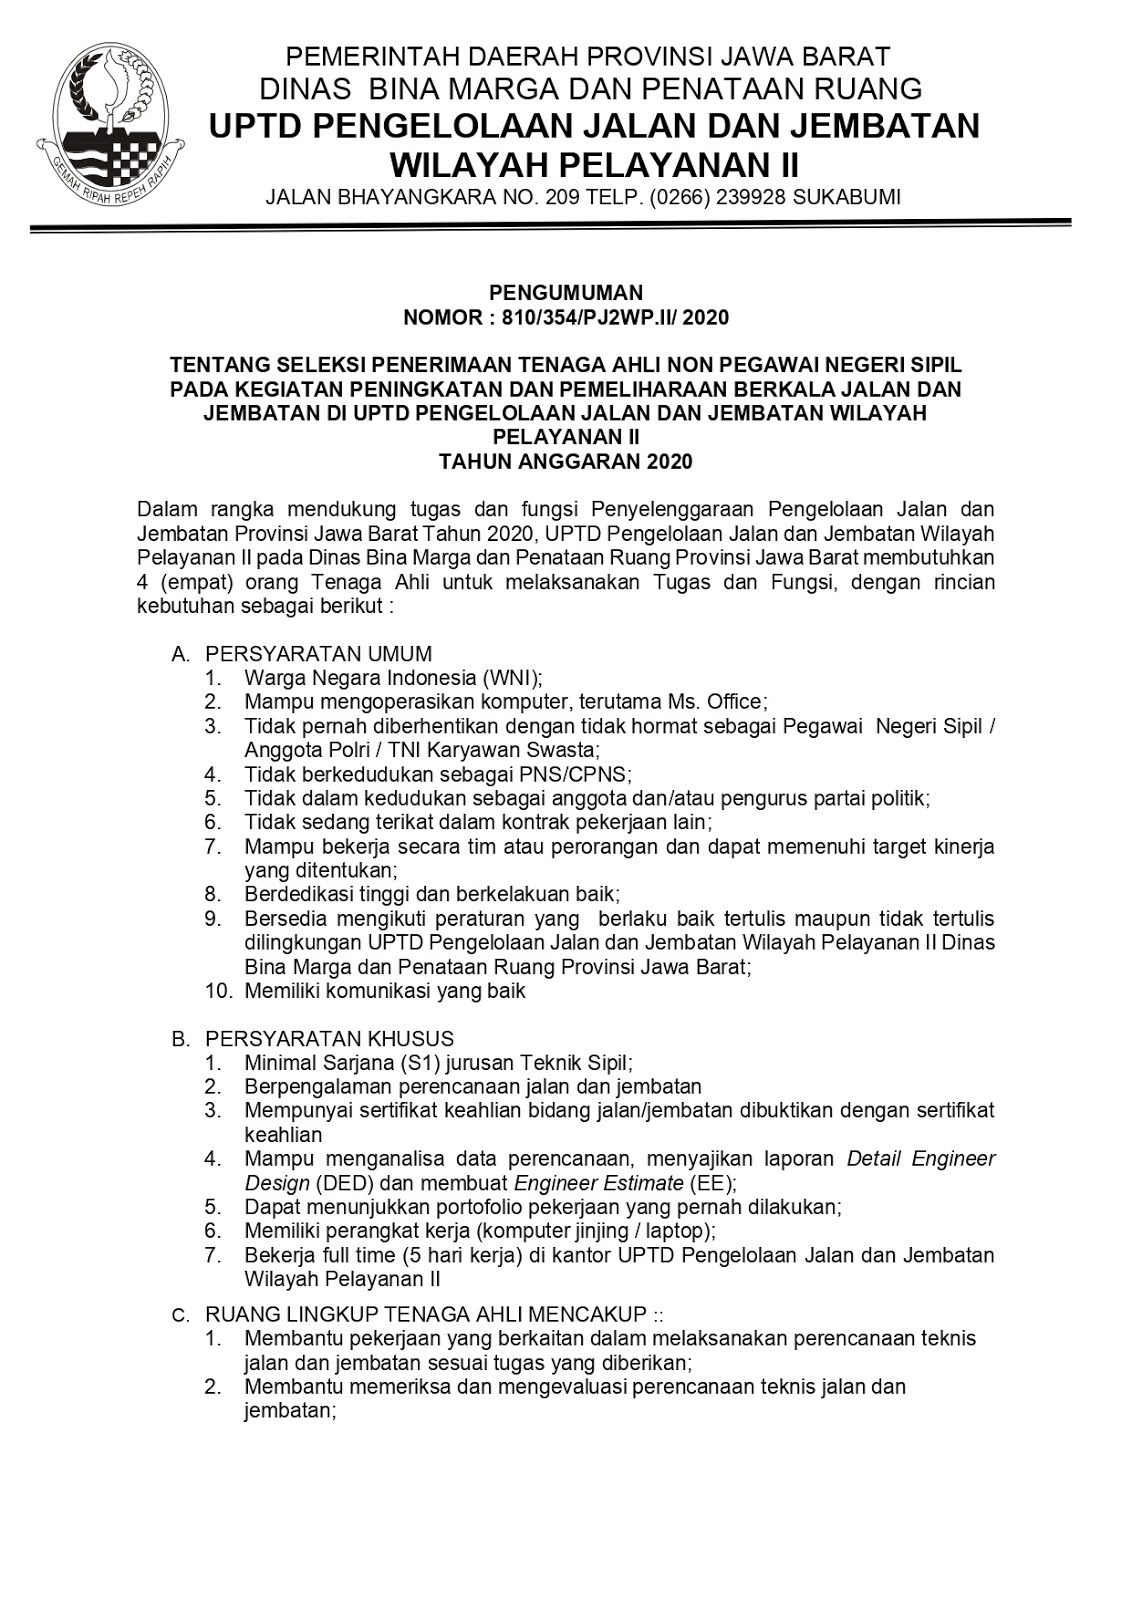 Lowongan Kerja Dinas Bina Marga dan Penataan Ruang Jabar Juli 2020